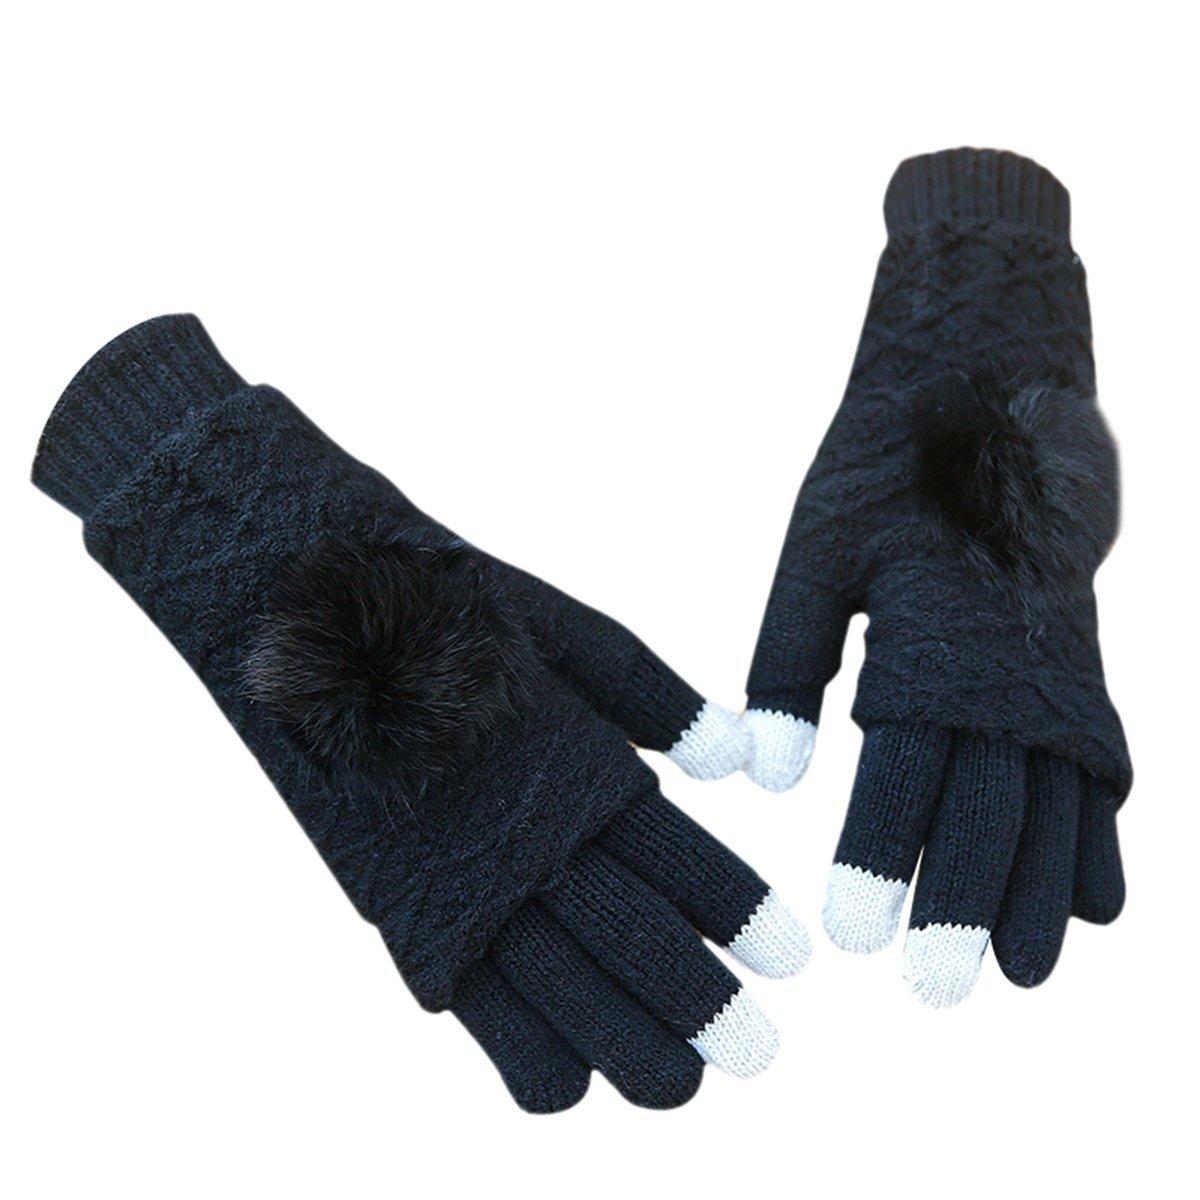 Guanti da ragazza con funzione touch screen, Tukistore guanti Winter Warmer lavorato a maglia con guanti full finger in lana Guanti Texting Guanti touch per smartphone XD5000007QE